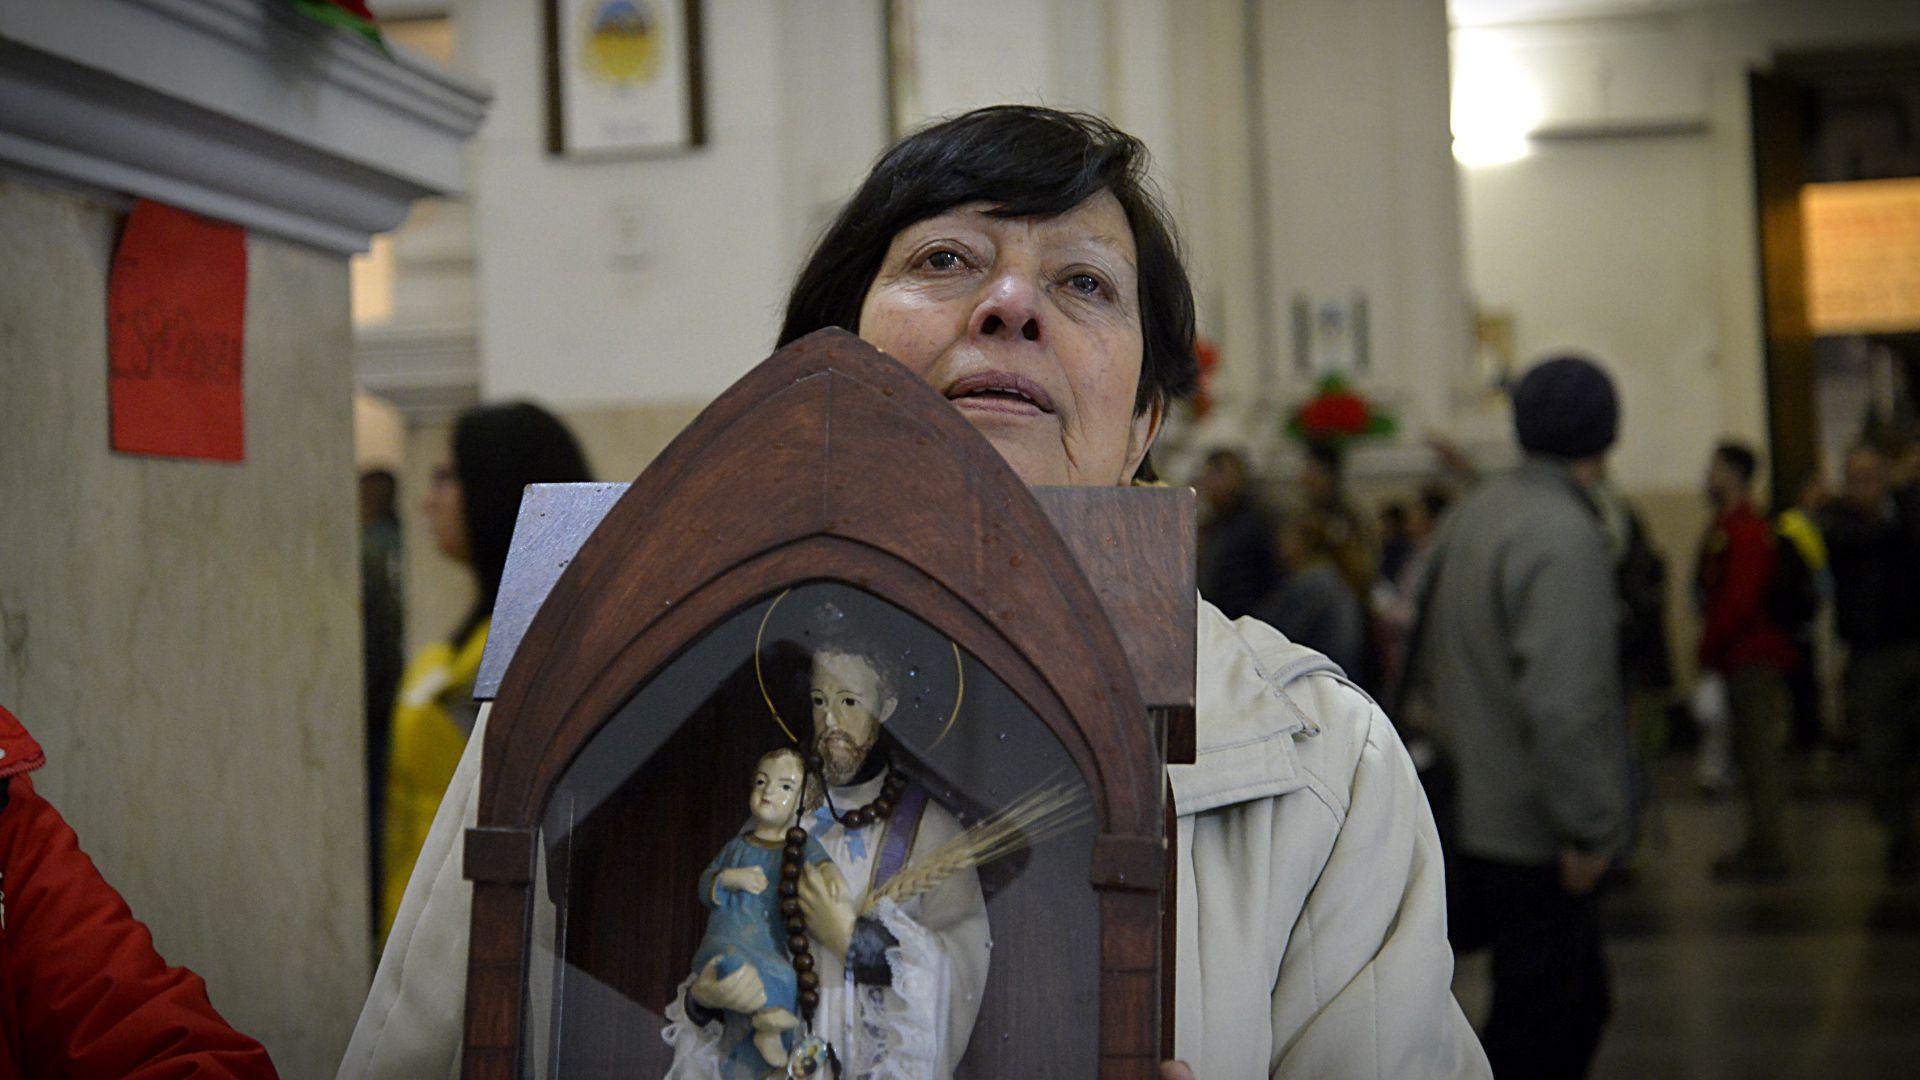 Una mujer ingresa al santuario con una figura del patrono del trabajo, un ritual que se repite año tras año entre muchos de los feligreses